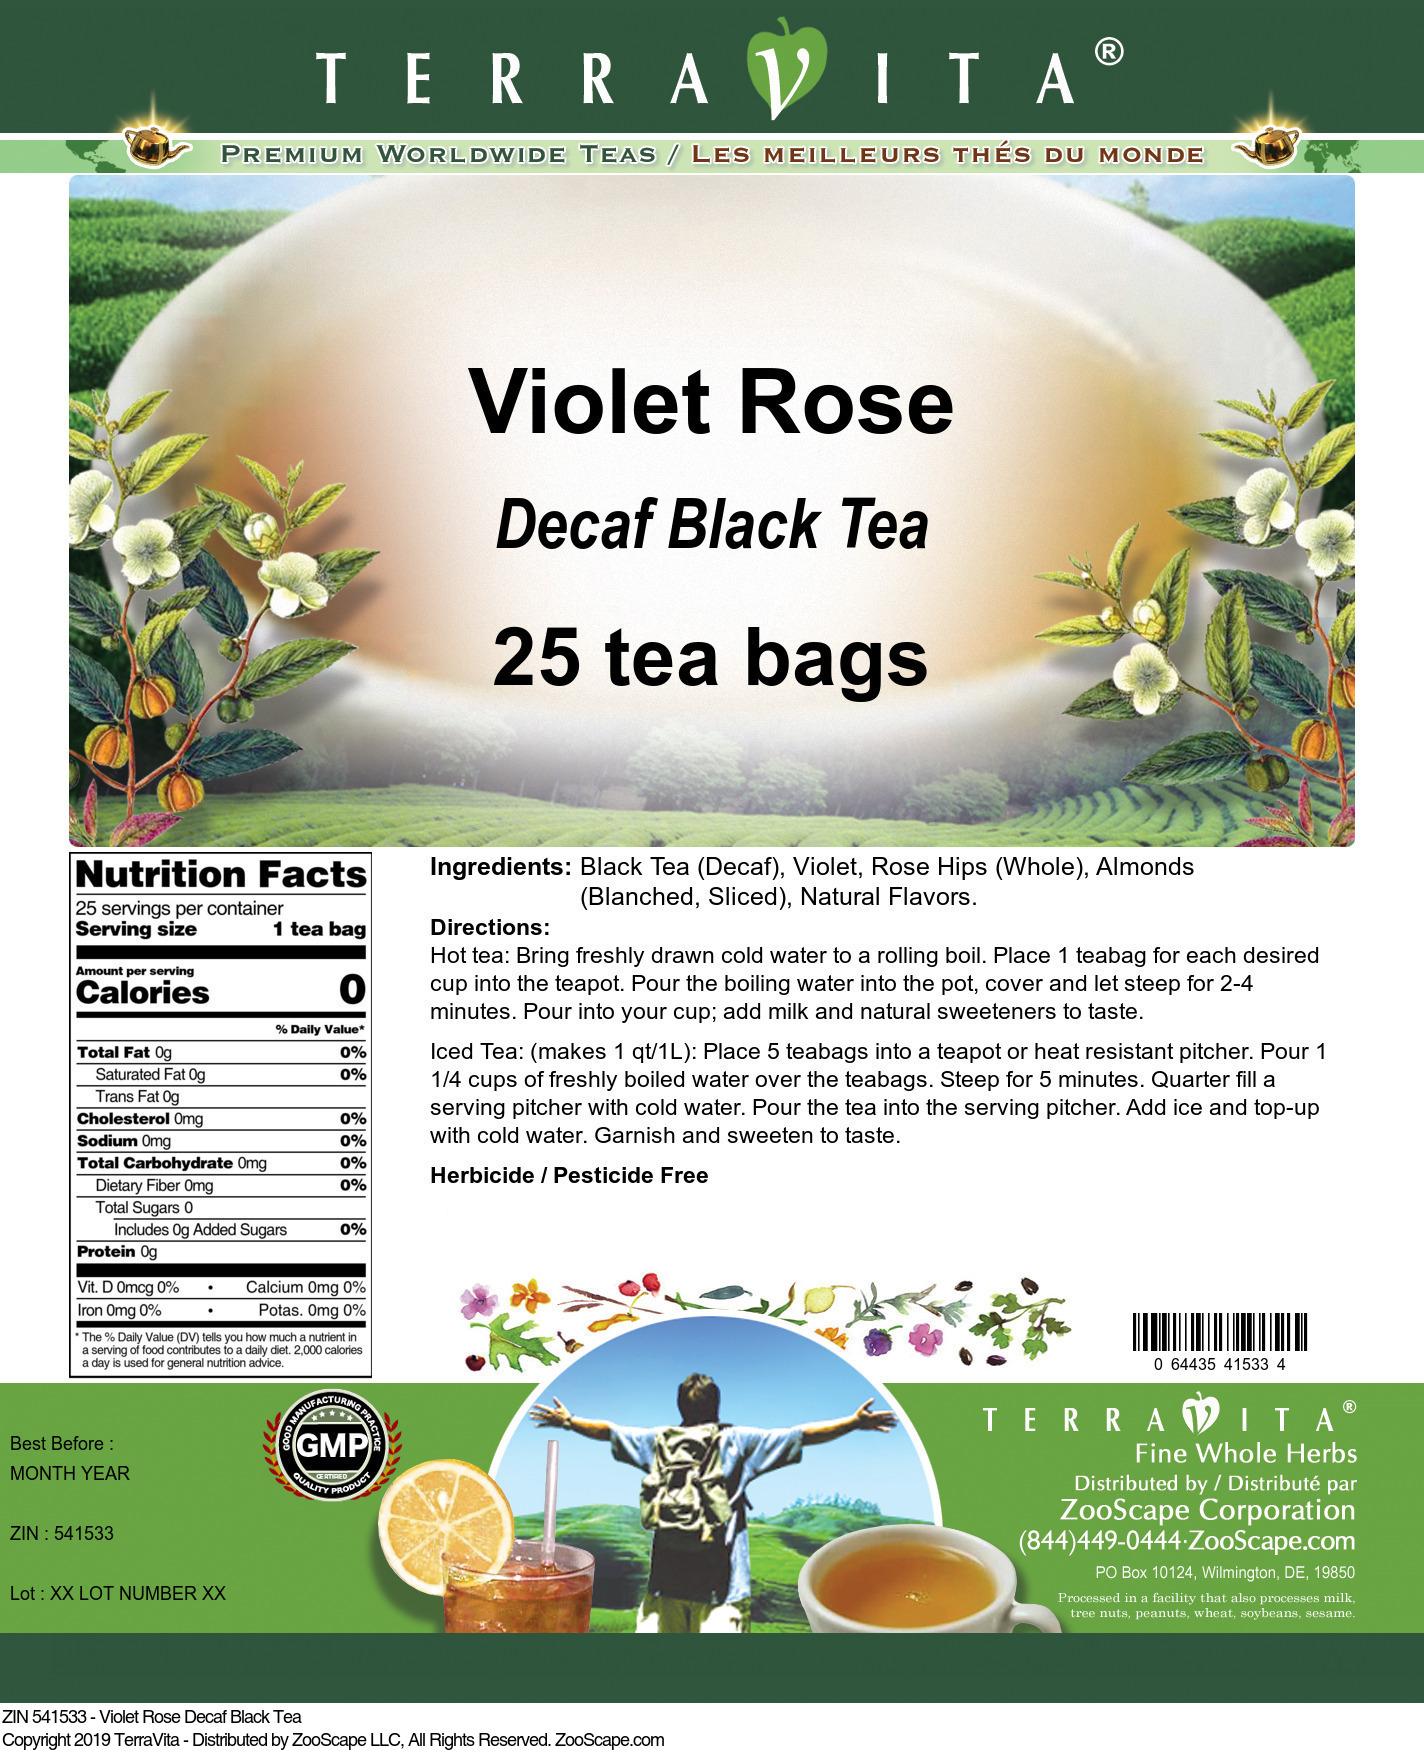 Violet Rose Decaf Black Tea